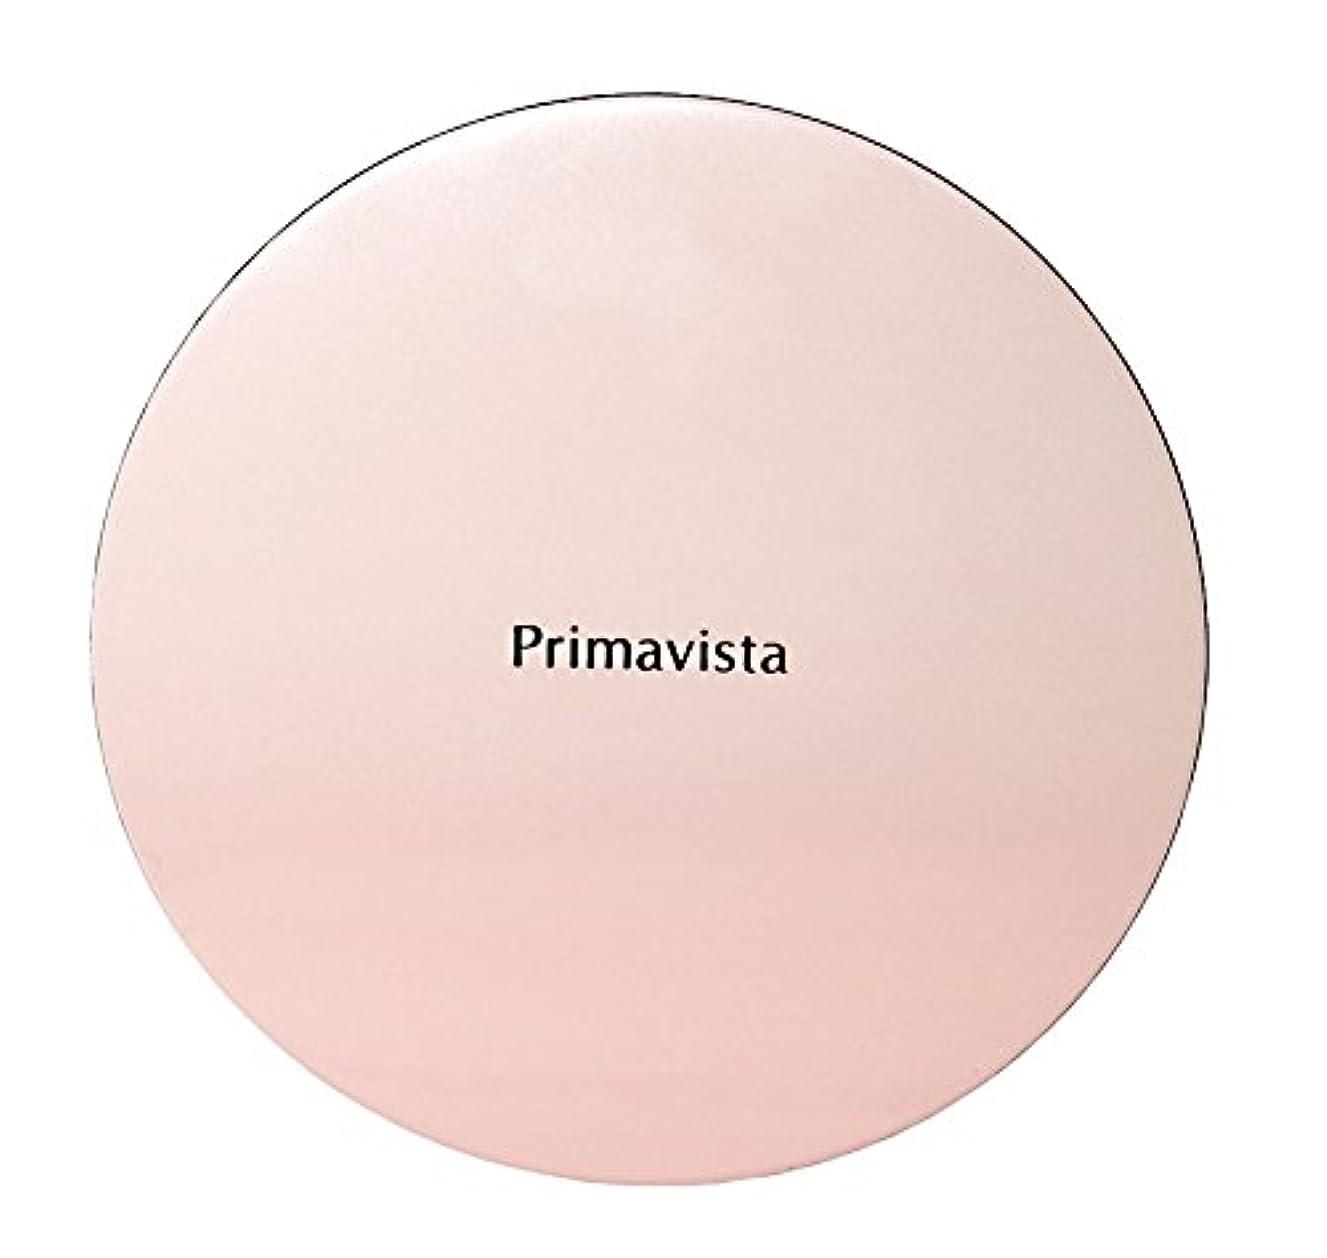 推測簡潔な頼るプリマヴィスタ クリーミィコンパクトファンデーションケース